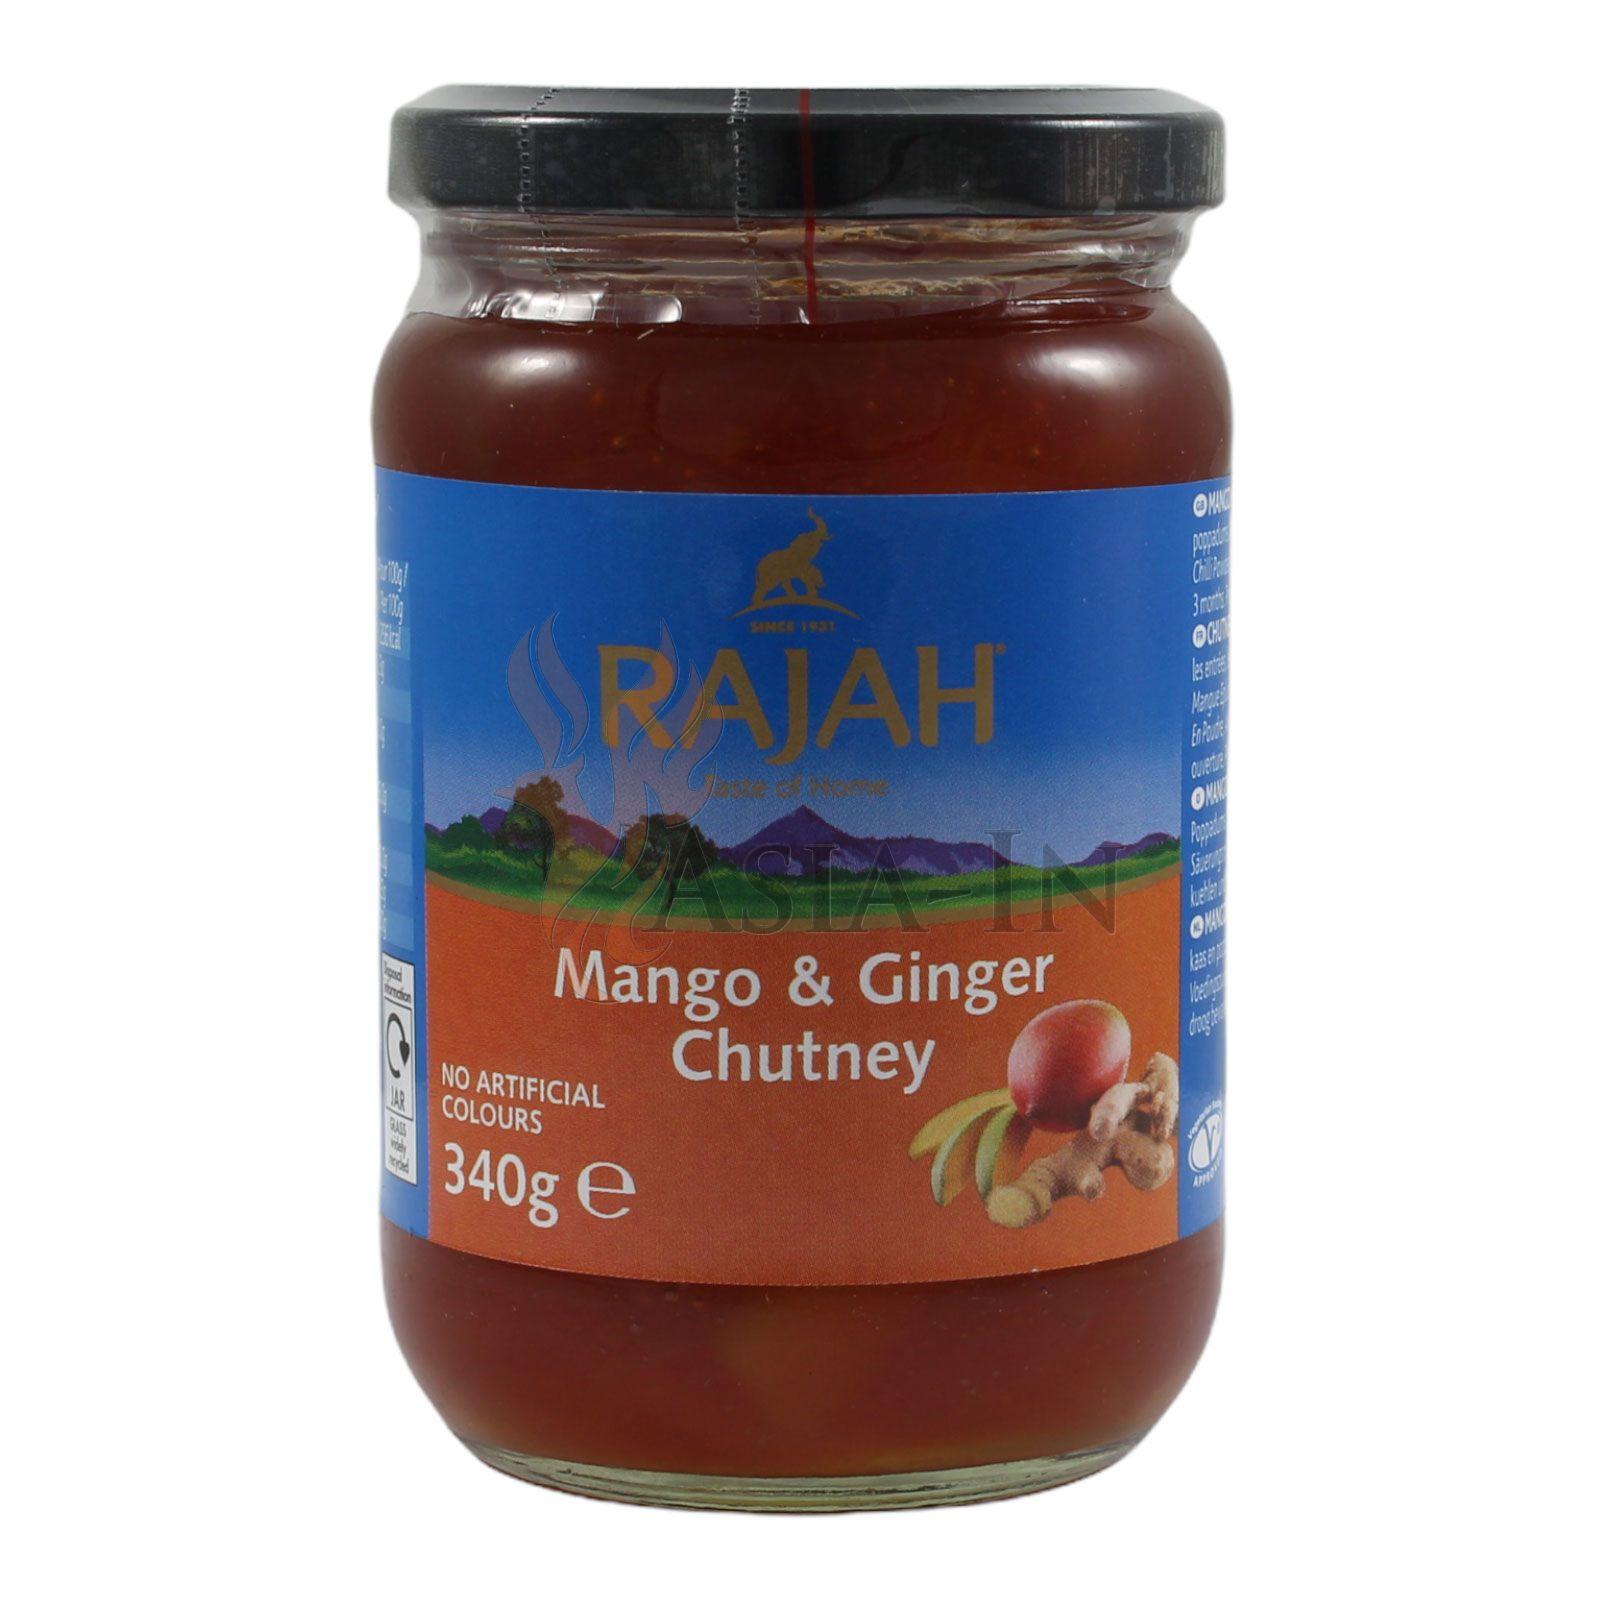 Mango & Ginger Chutney, Rajah 285g